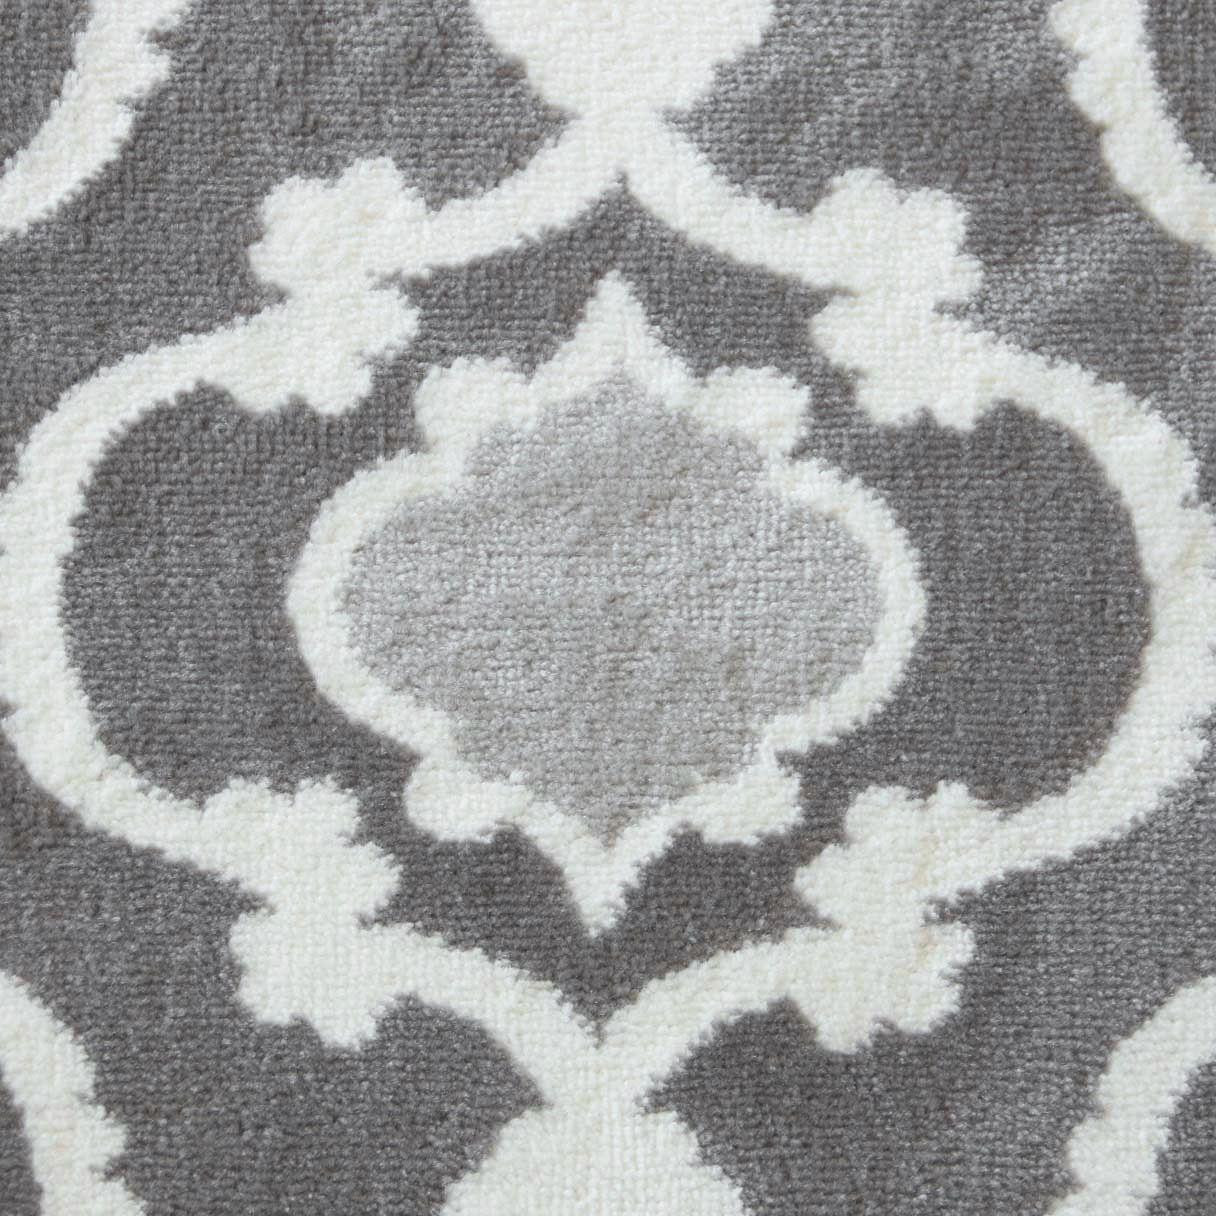 A2Z-grigio-grande-mix-di-moderni-tappeti-corridori-bianchi-a-contrasto-Traliccio-Design-Tappeti miniatura 3